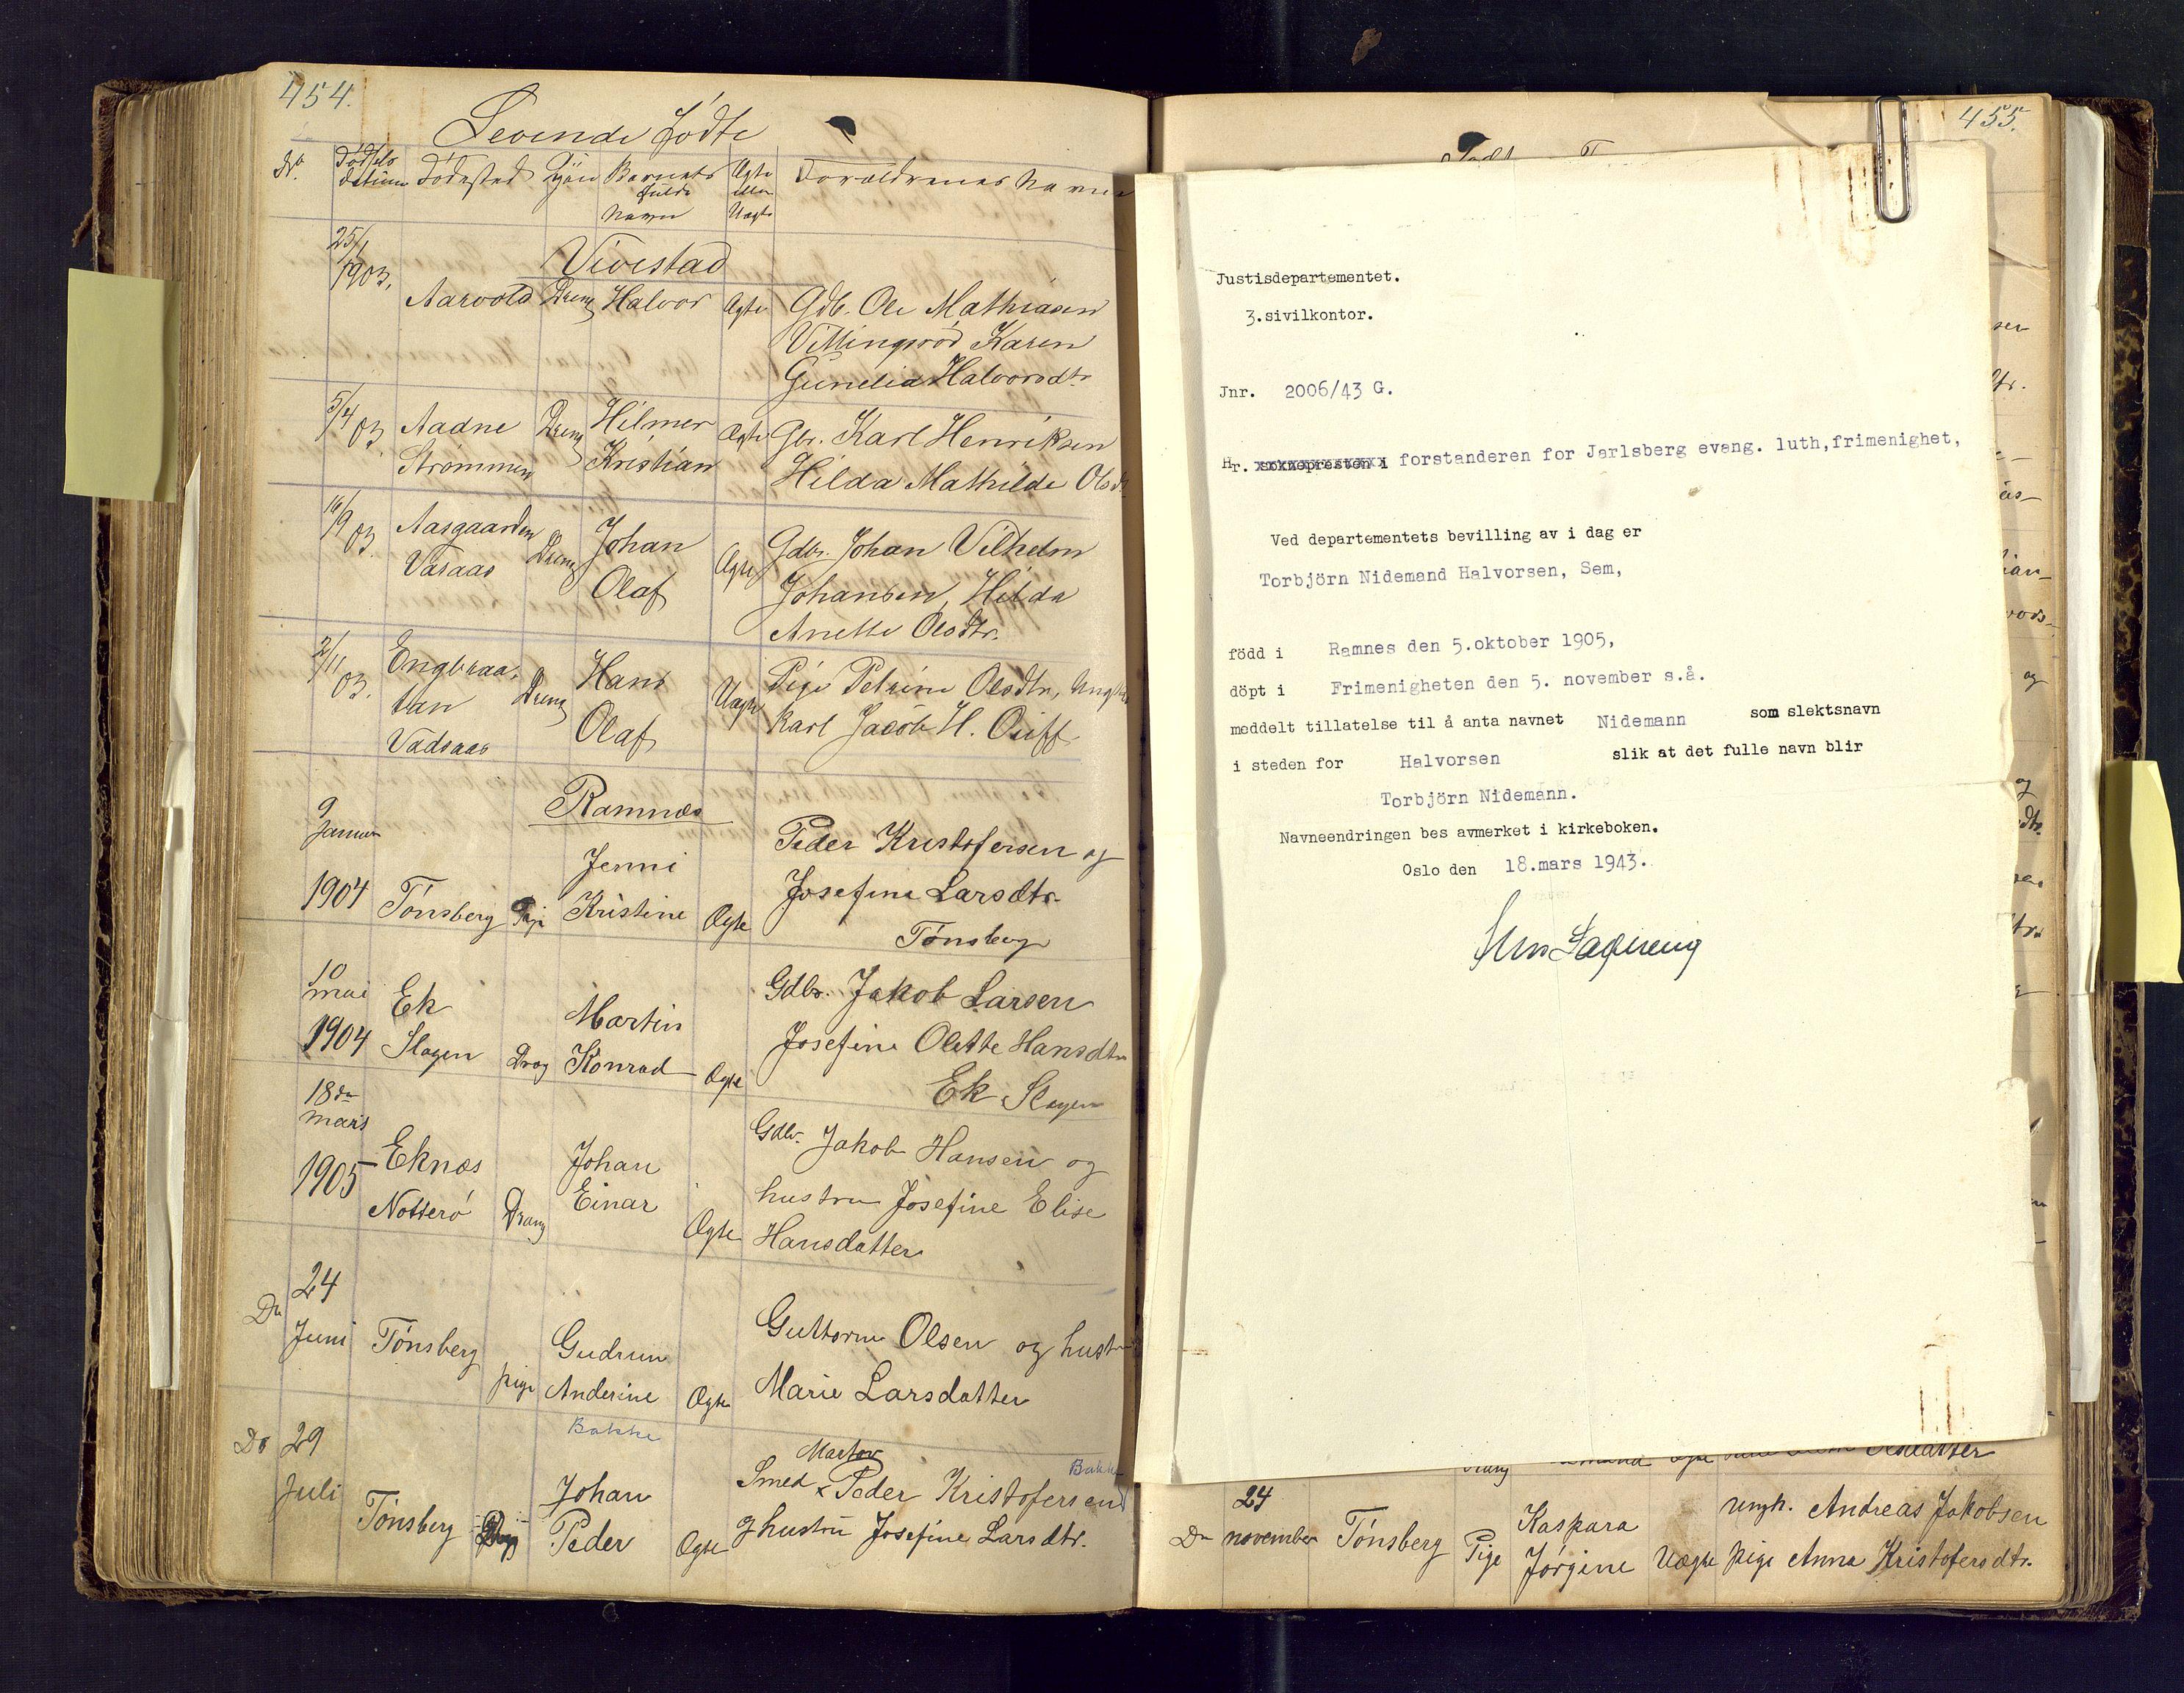 SAKO, Den evangelisk lutherske frimenighet i Jarlsbergs grevskap med flere steder, F/Fa/L0001: Dissenterprotokoll nr. Fa/L0001, 1872-1925, s. 454-455